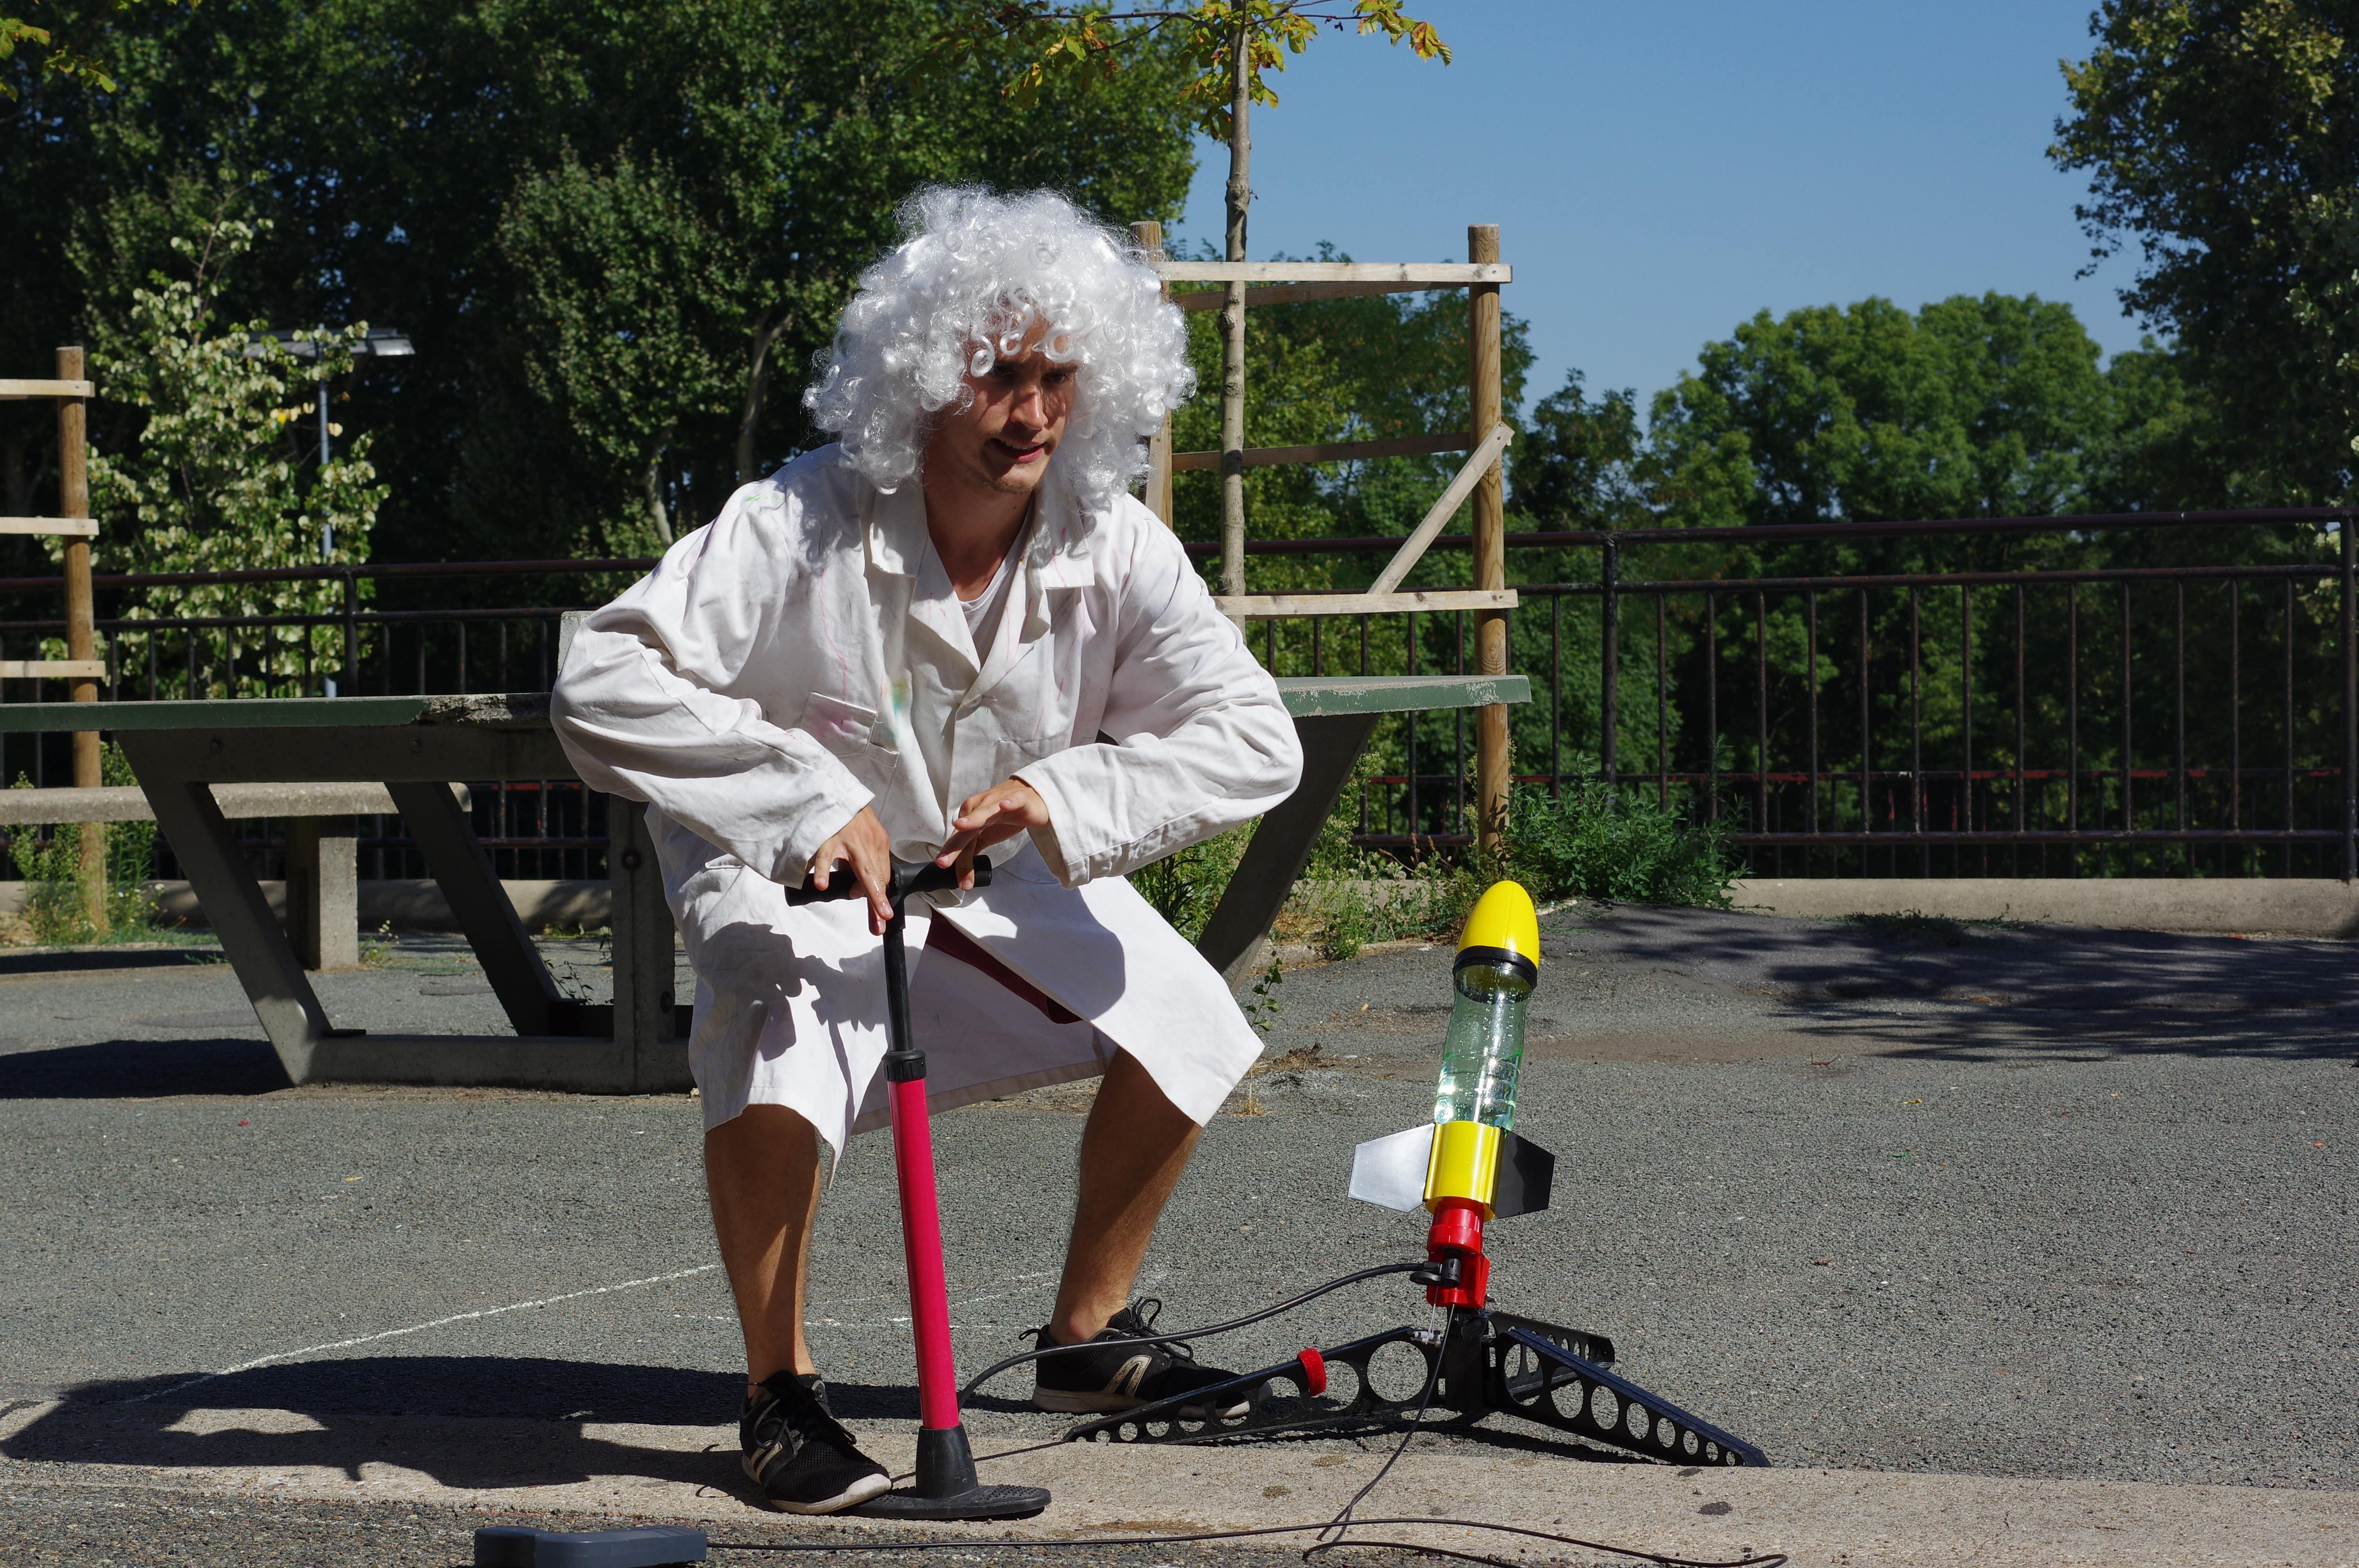 Bénévole déguisé pendant l'activité fusées à eau